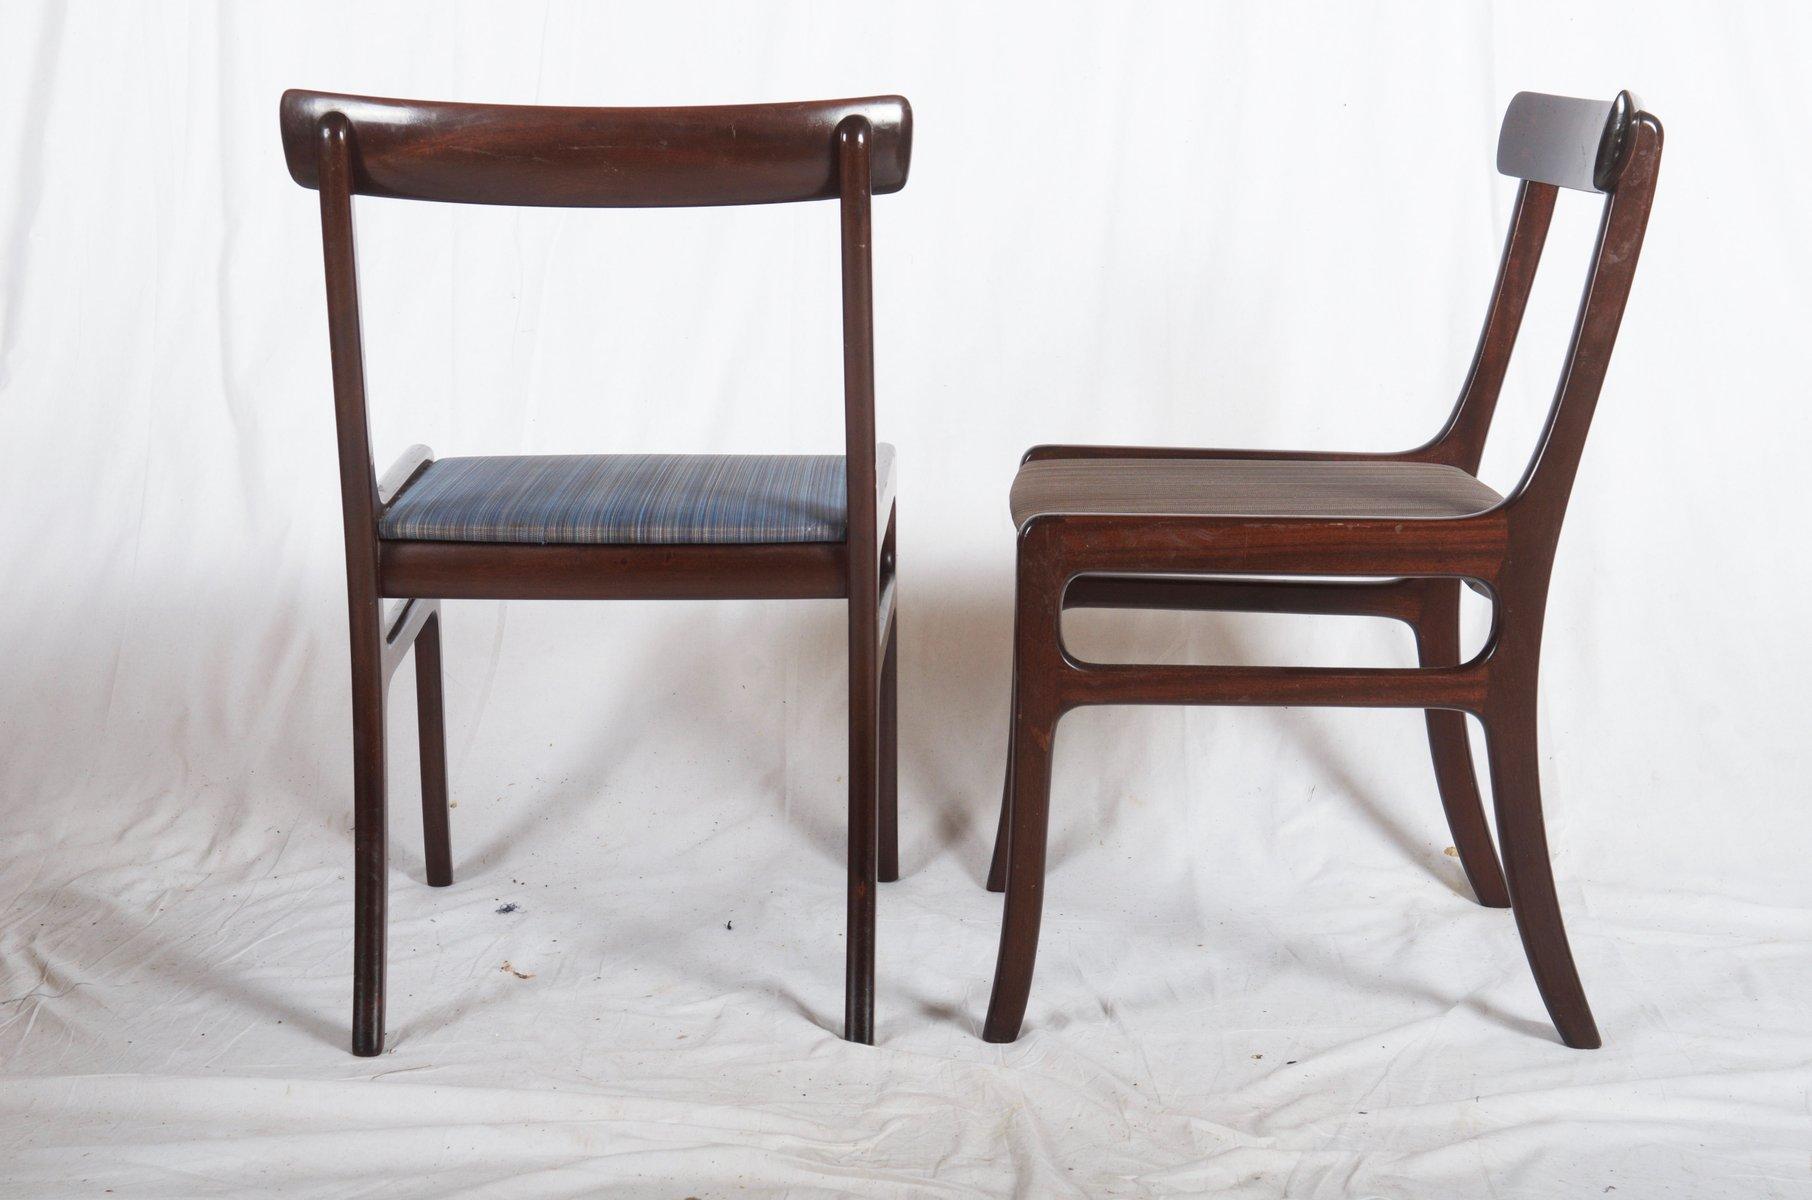 Vintage trumeau garderobe nr 1 von thonet bei pamono kaufen - 5 800 00 Chf